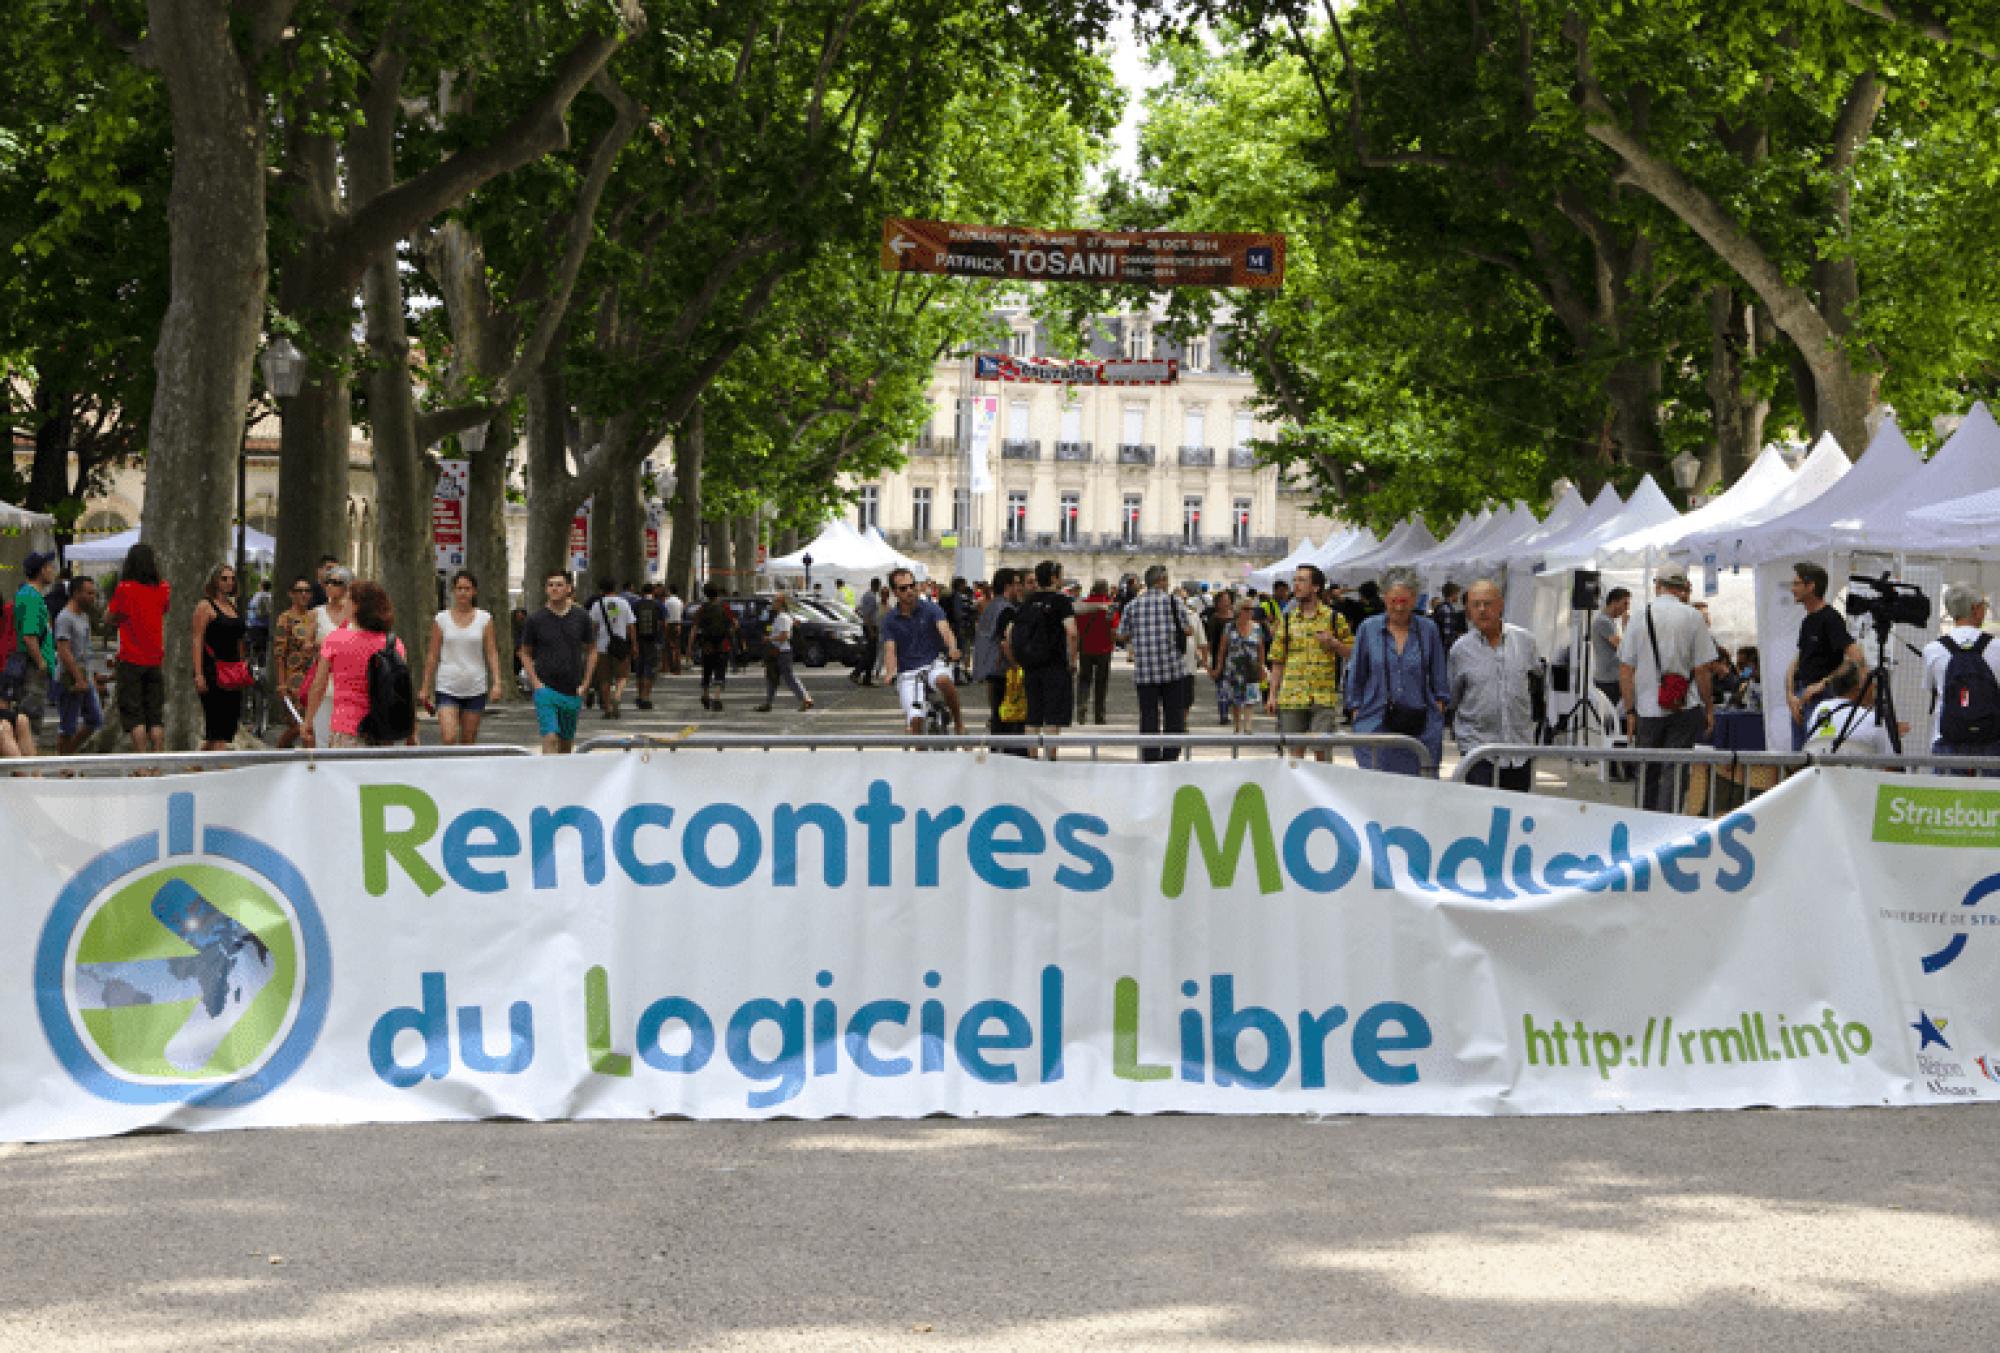 Crédits : Mathieu - Rencontres Mondiales du Logiciel Libre à Montpellier